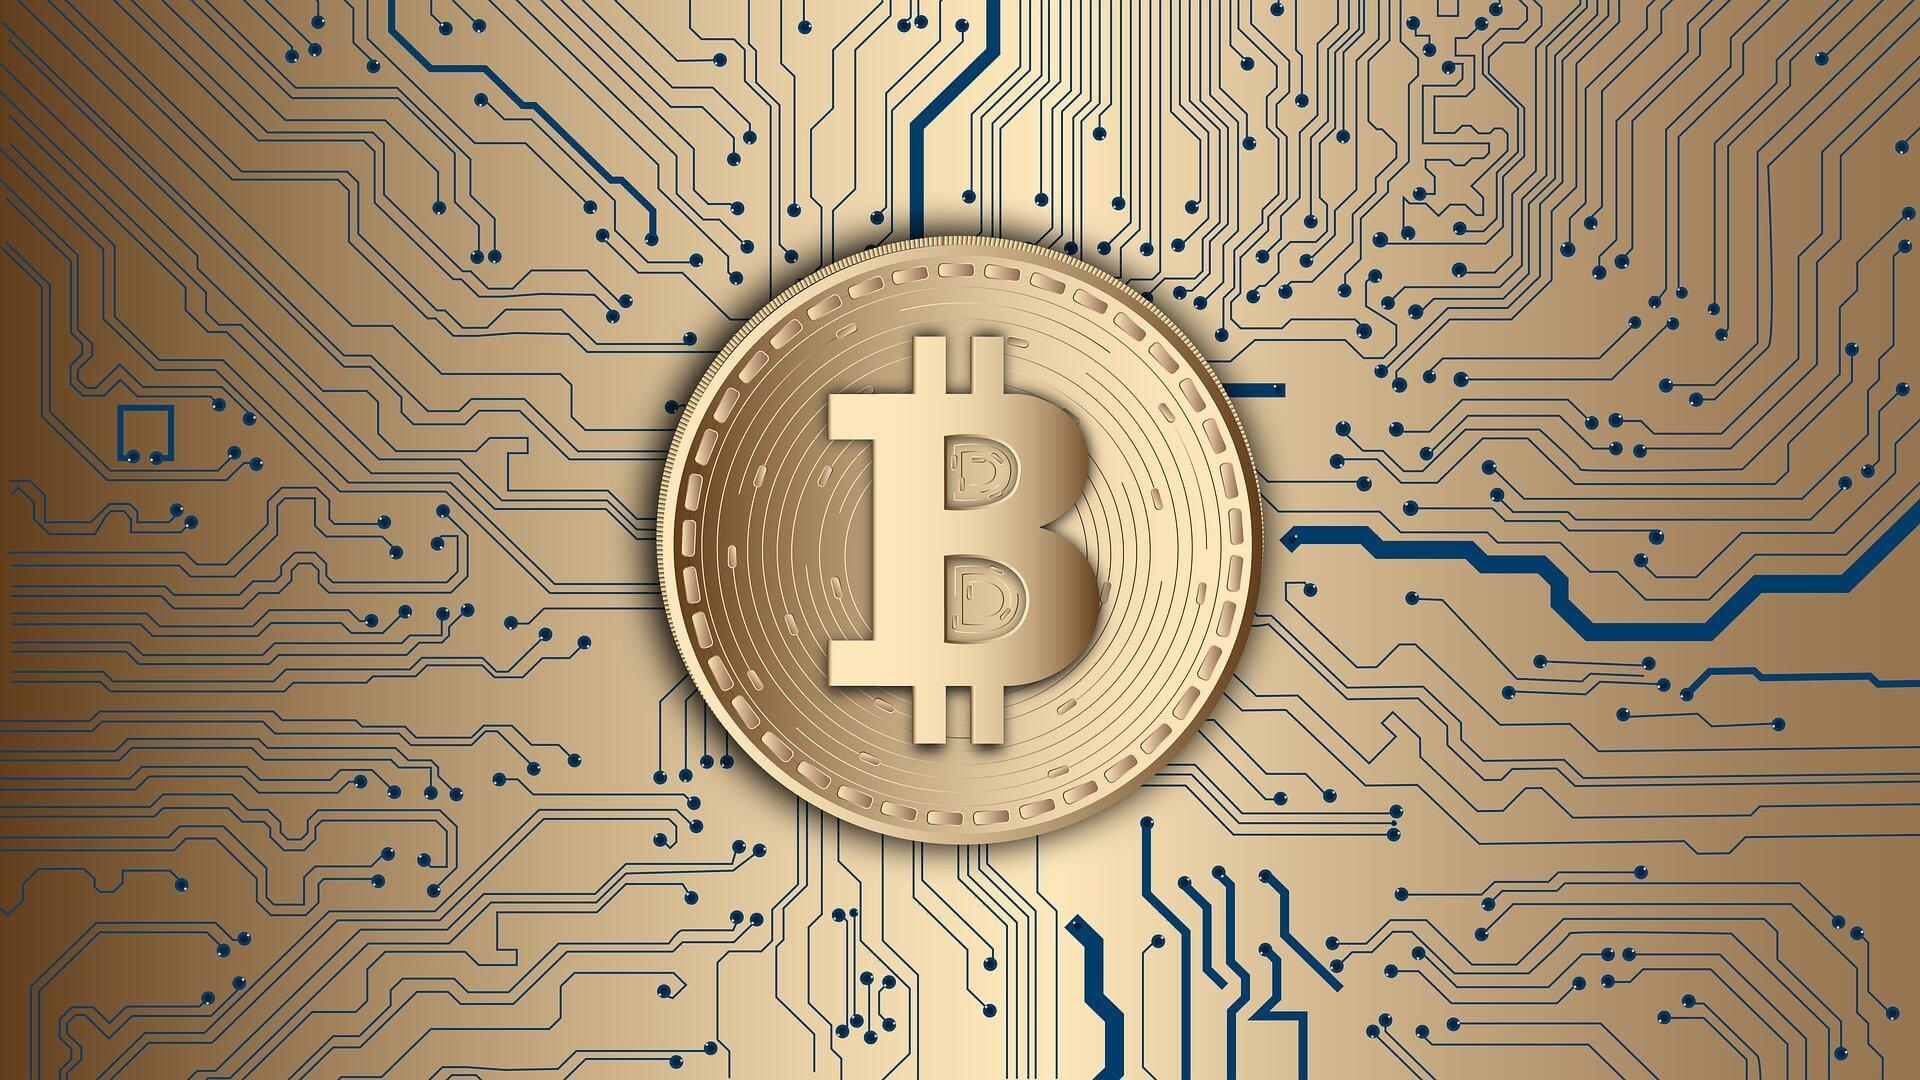 Сервис Casa поможет Bitcoin-инвесторам распорядиться своими сбережениями после смерти